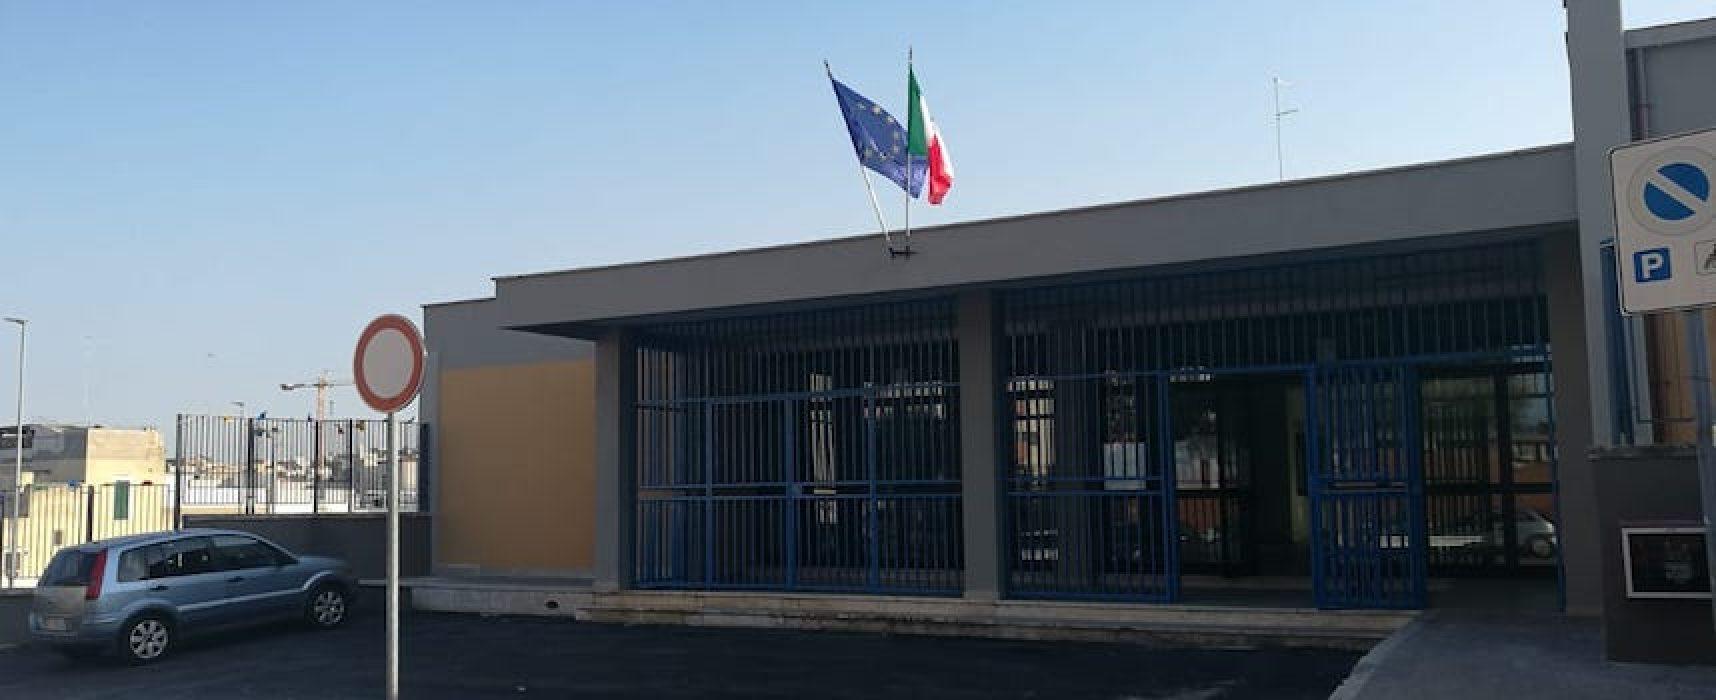 Salnitro, secondo giorno di proteste: i genitori evidenziano problematiche a scuola